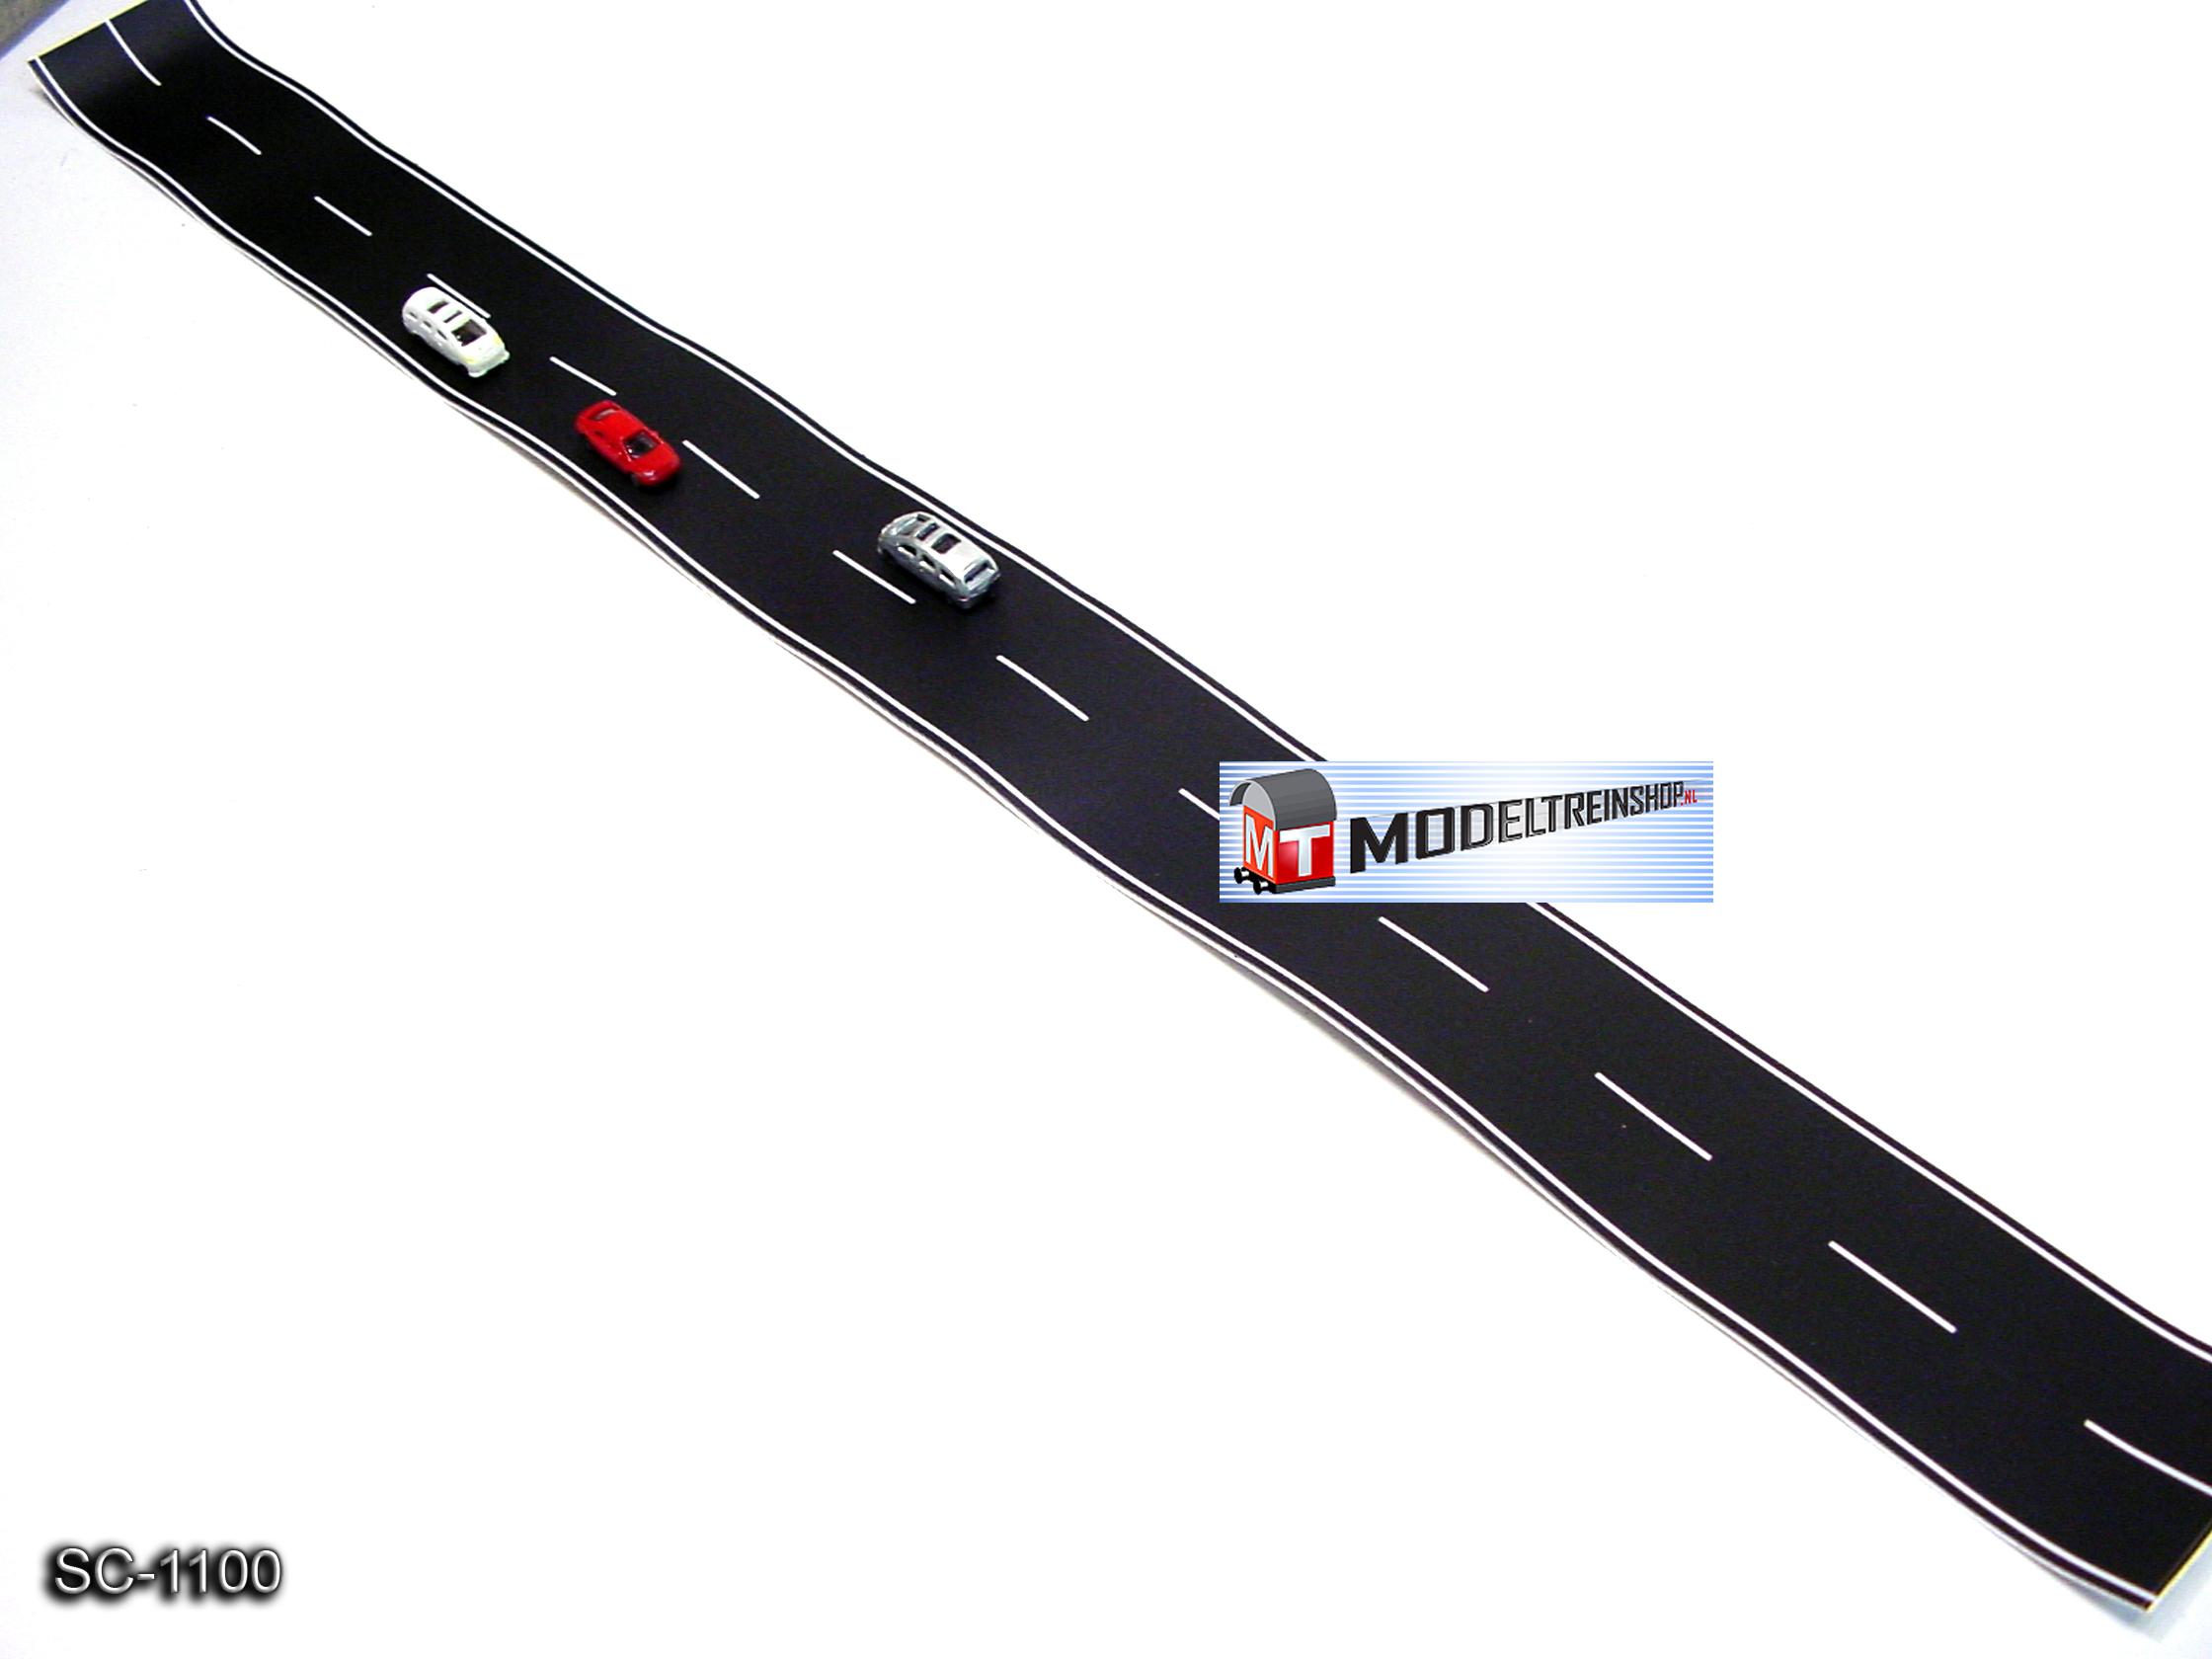 N Schaal 1:160 - Weg Strip Zwart SC-1100 - Modeltreinshop